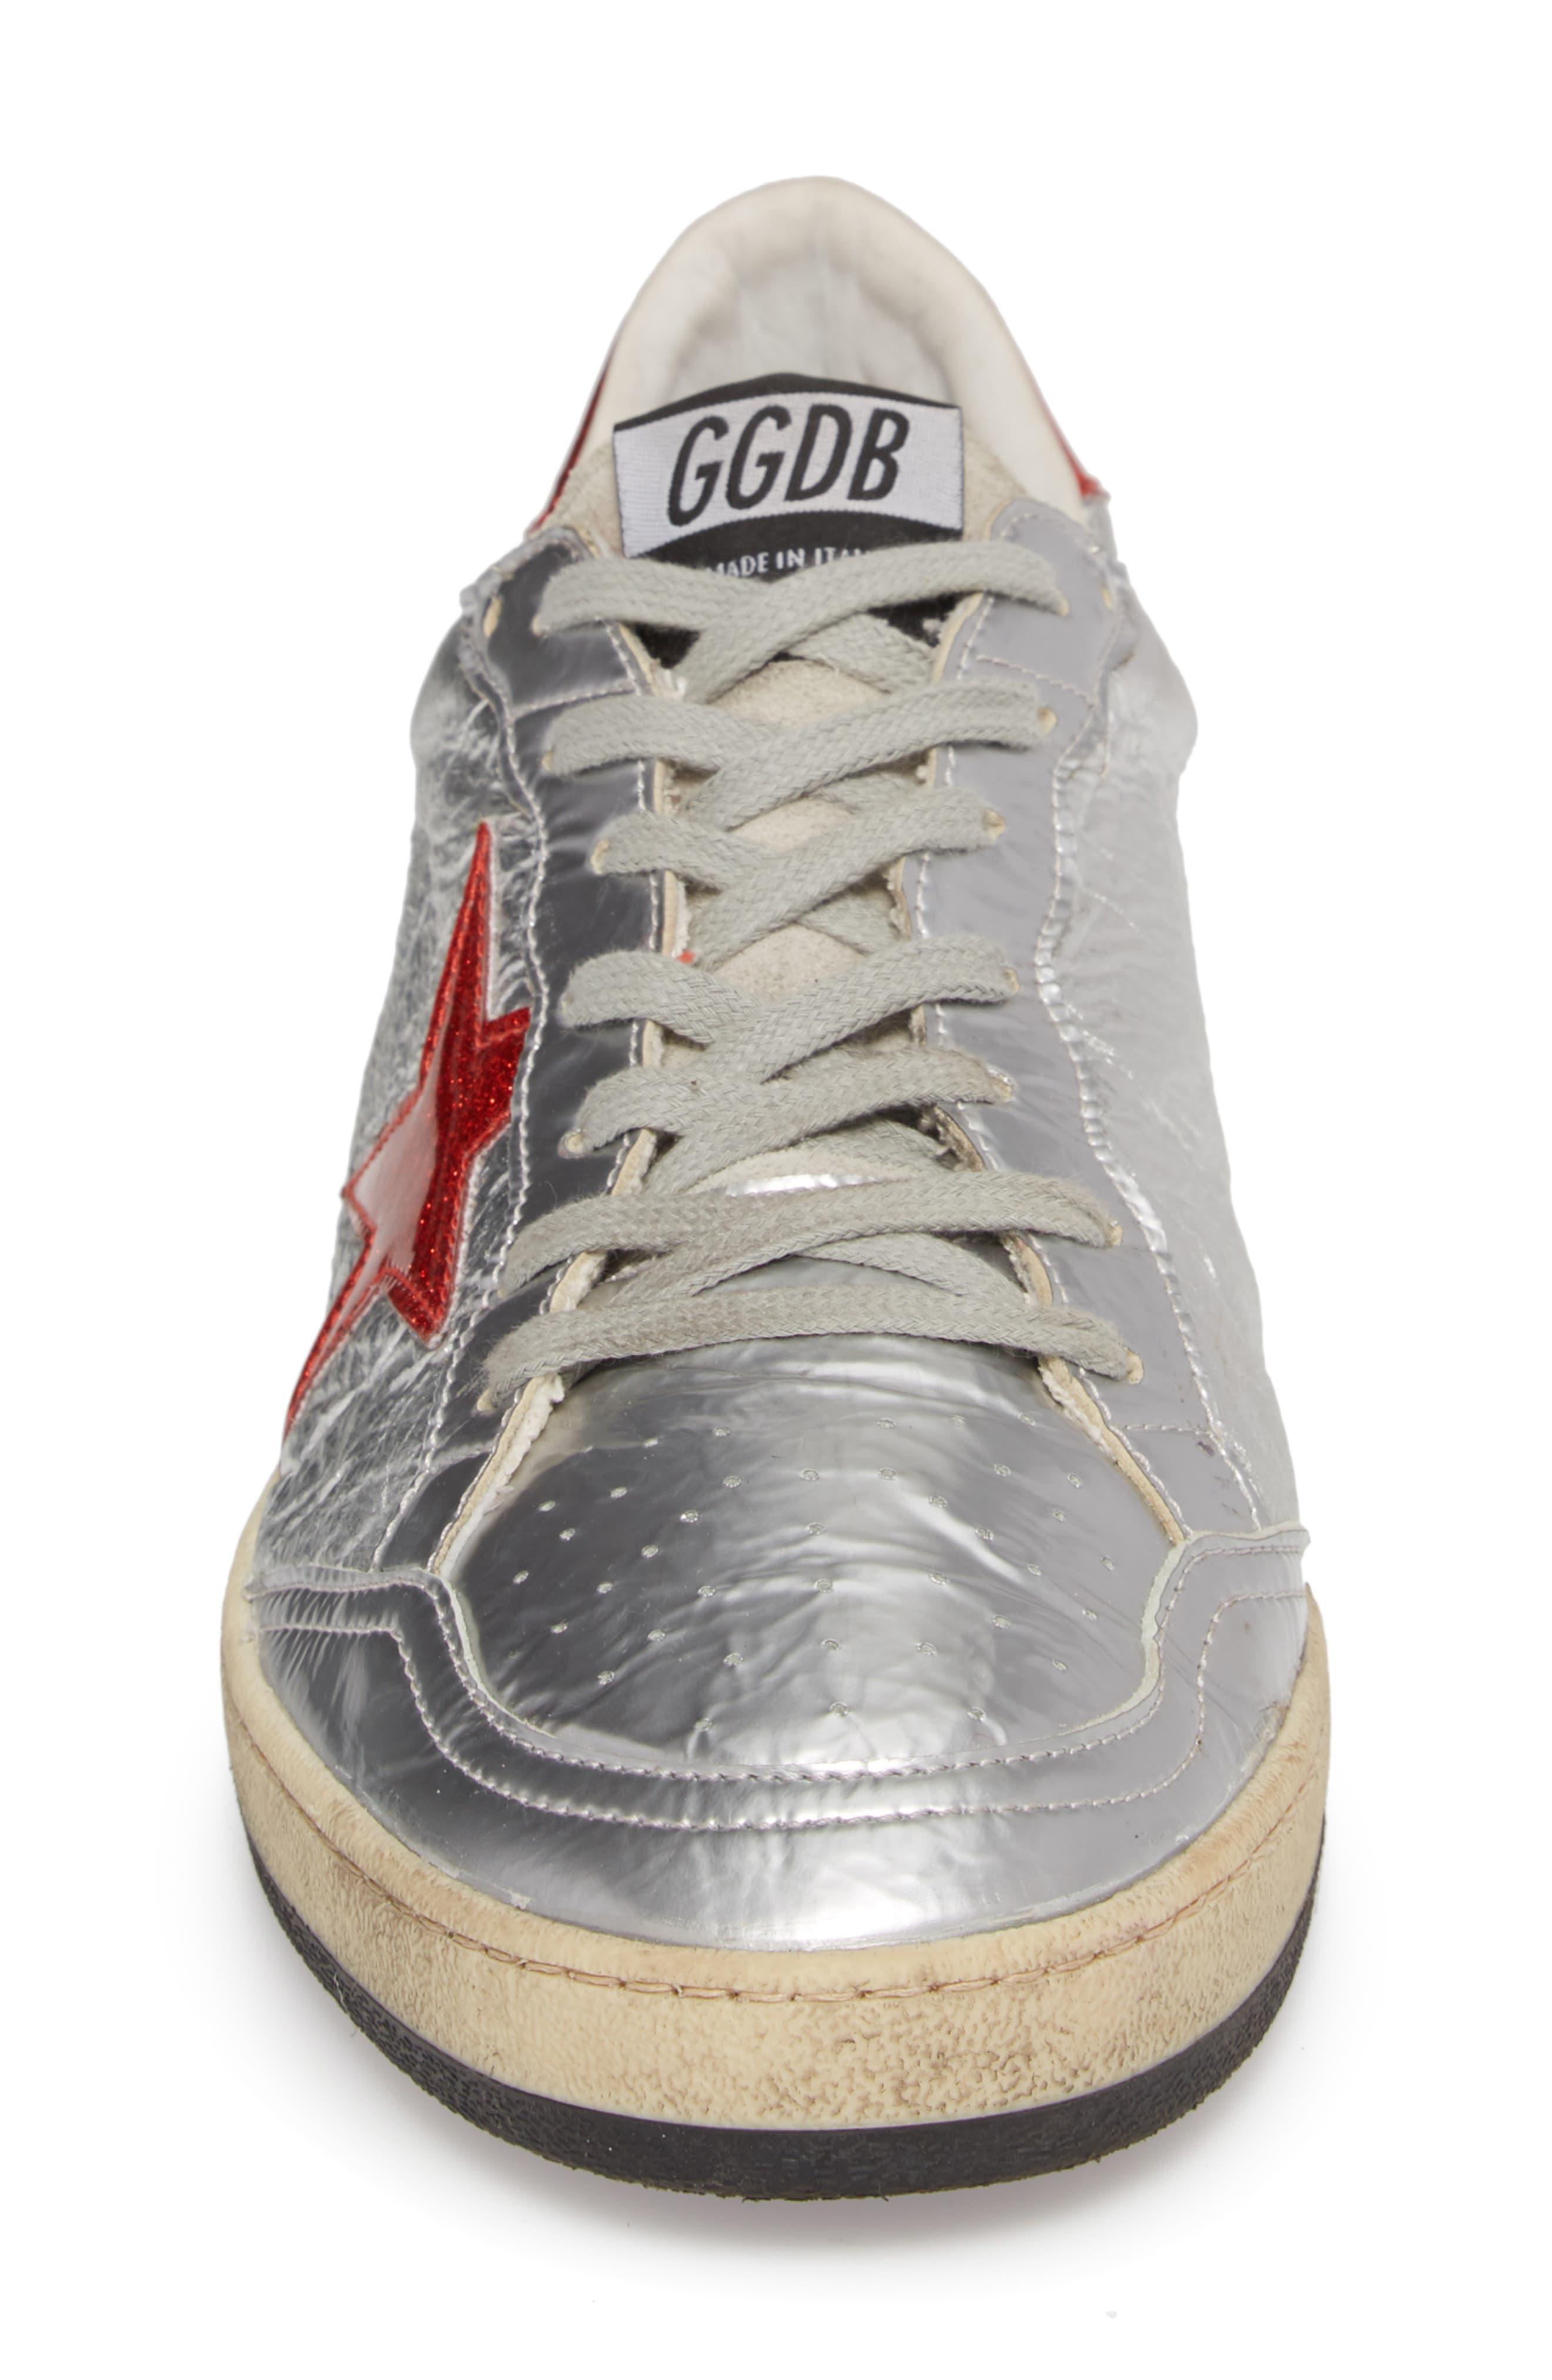 B-Ball Star Sneaker,                             Alternate thumbnail 4, color,                             SILVER-RED GLITTER- STAR DANCE